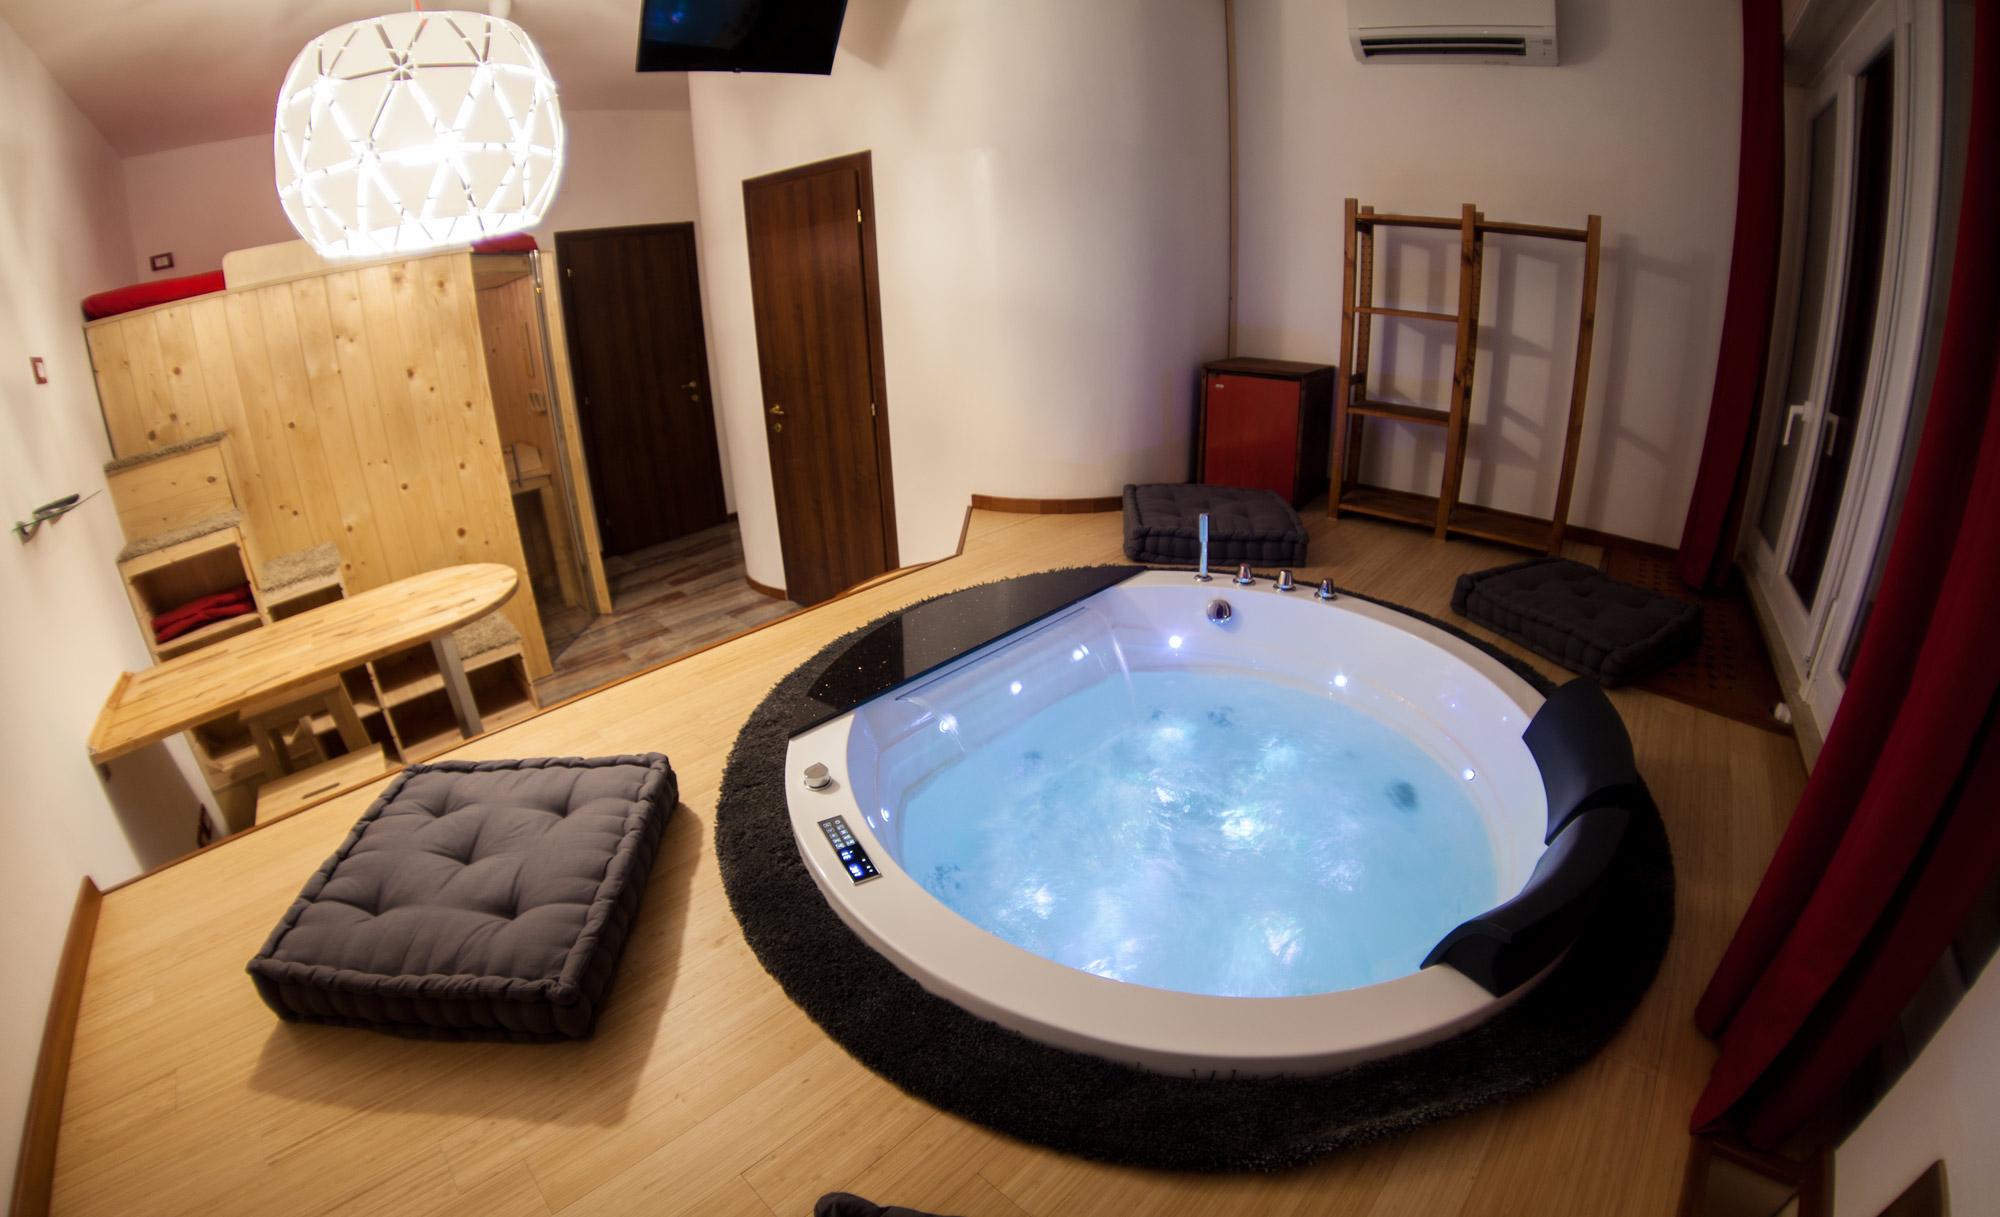 Jacuzzi Paradise Sauna Train Station Boutique Hotel In Affitto A Bologna Emilia Romagna Italia